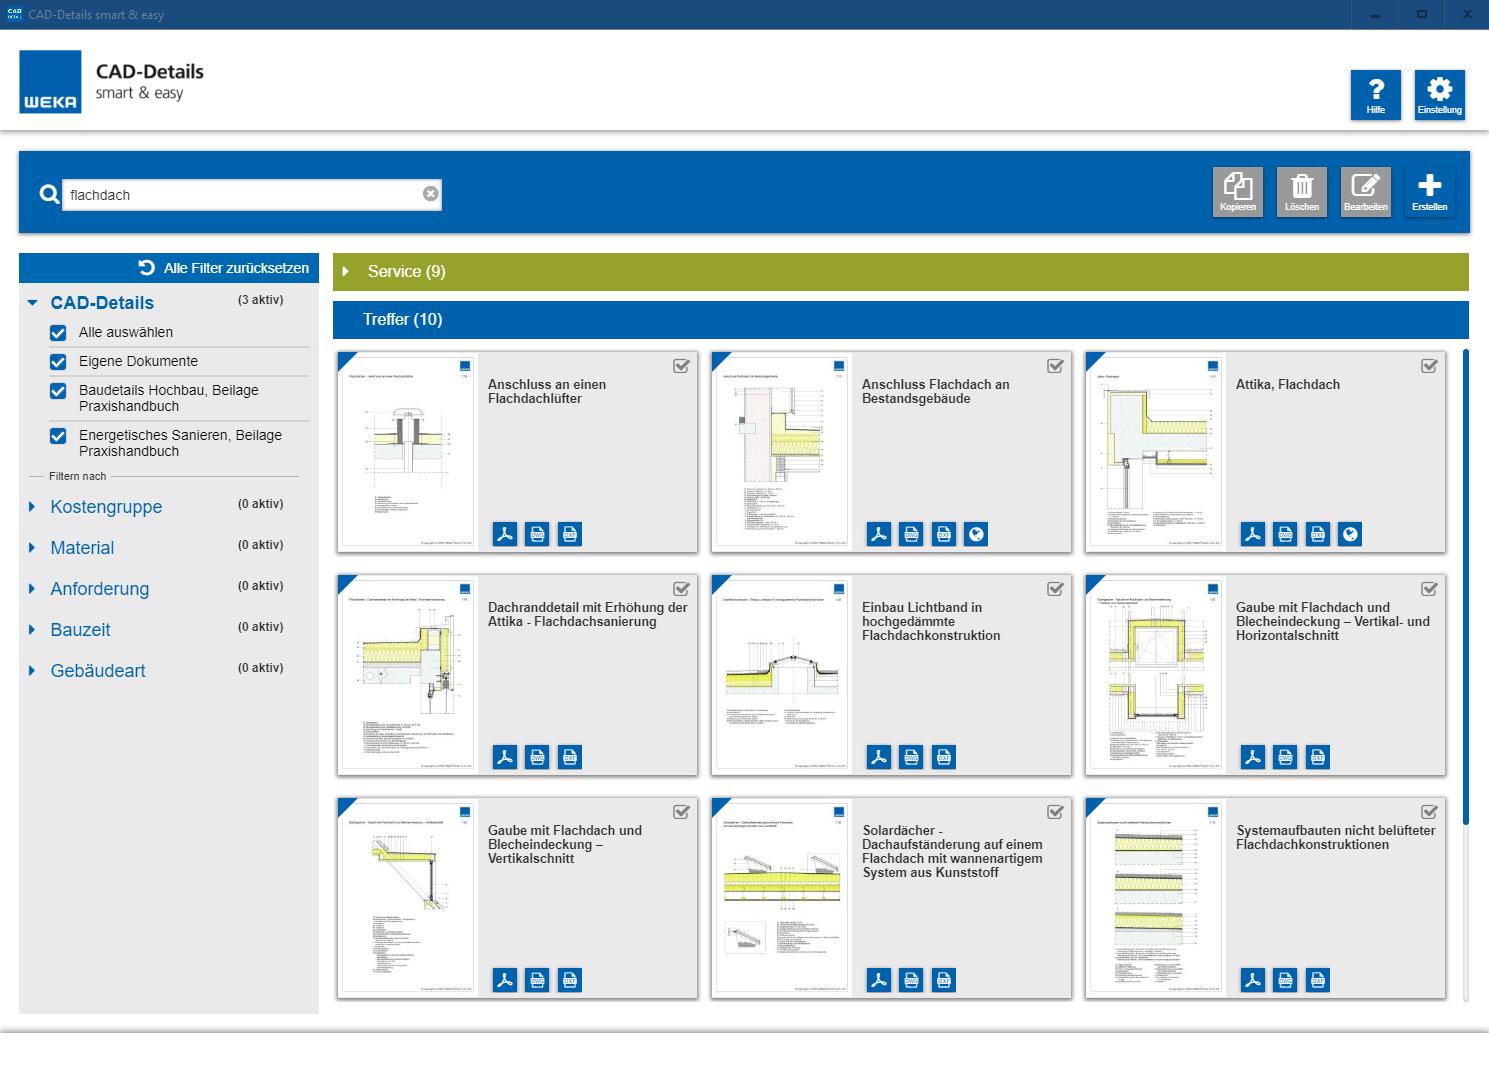 Nutzerfreundlich wie nie zuvor! Profitieren Sie jetzt von den Vorzügen Ihrer digitalen Version!